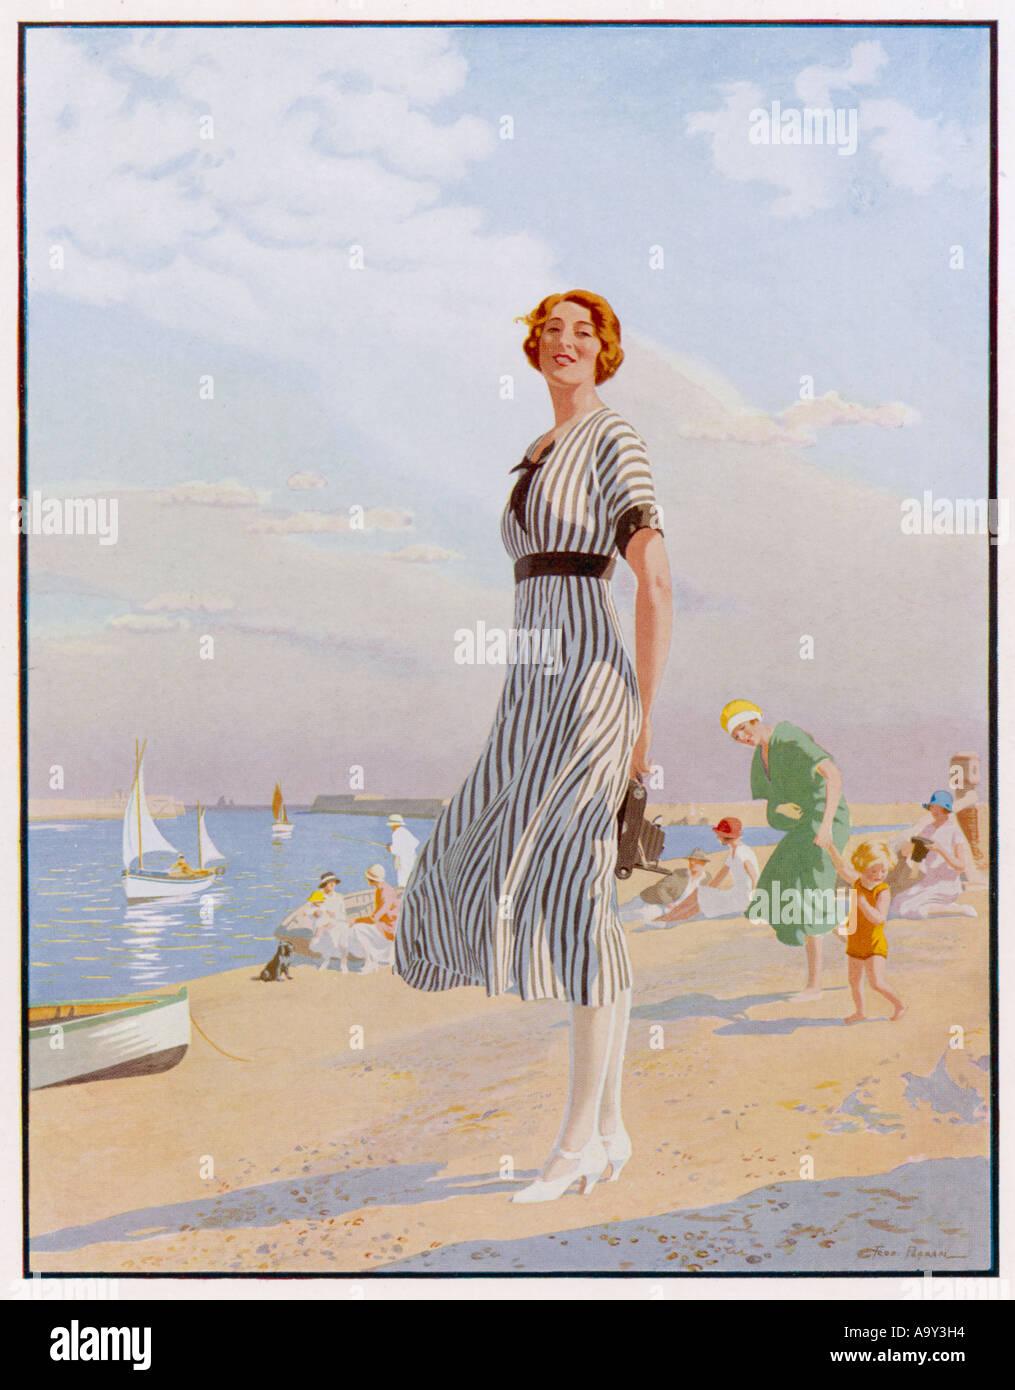 Anzeige Kodak Mädchen der 1920er Jahre Stockbild